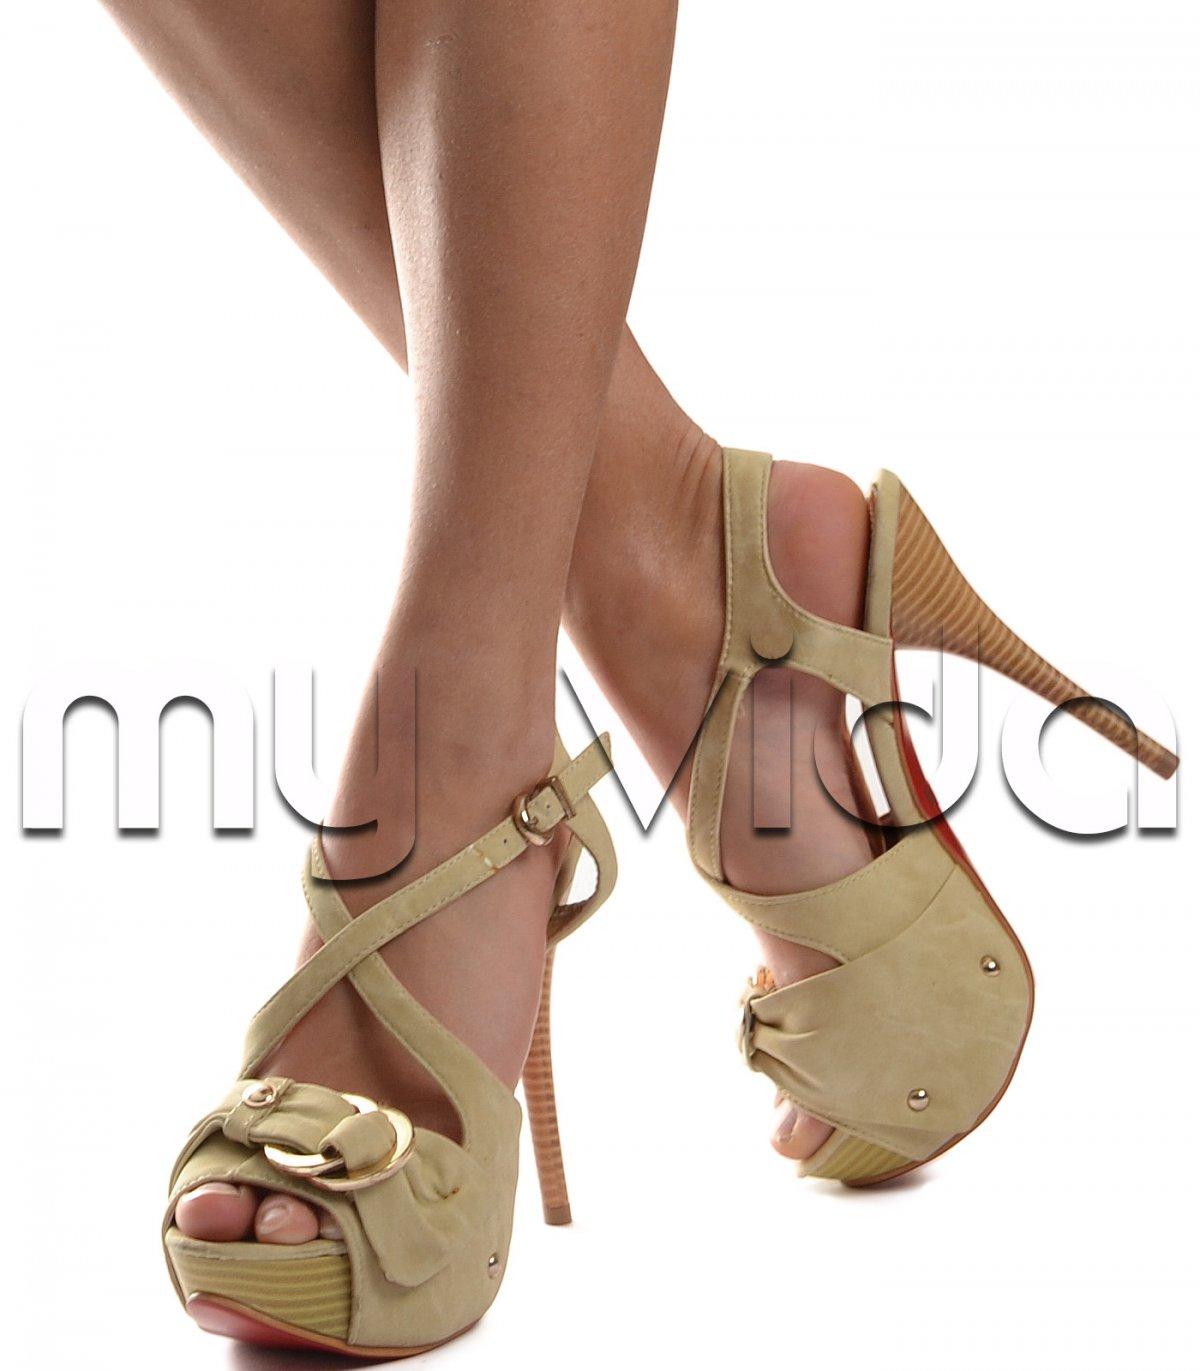 88e9e6b046 Scarpe donna sandali tacco alto | My Vida